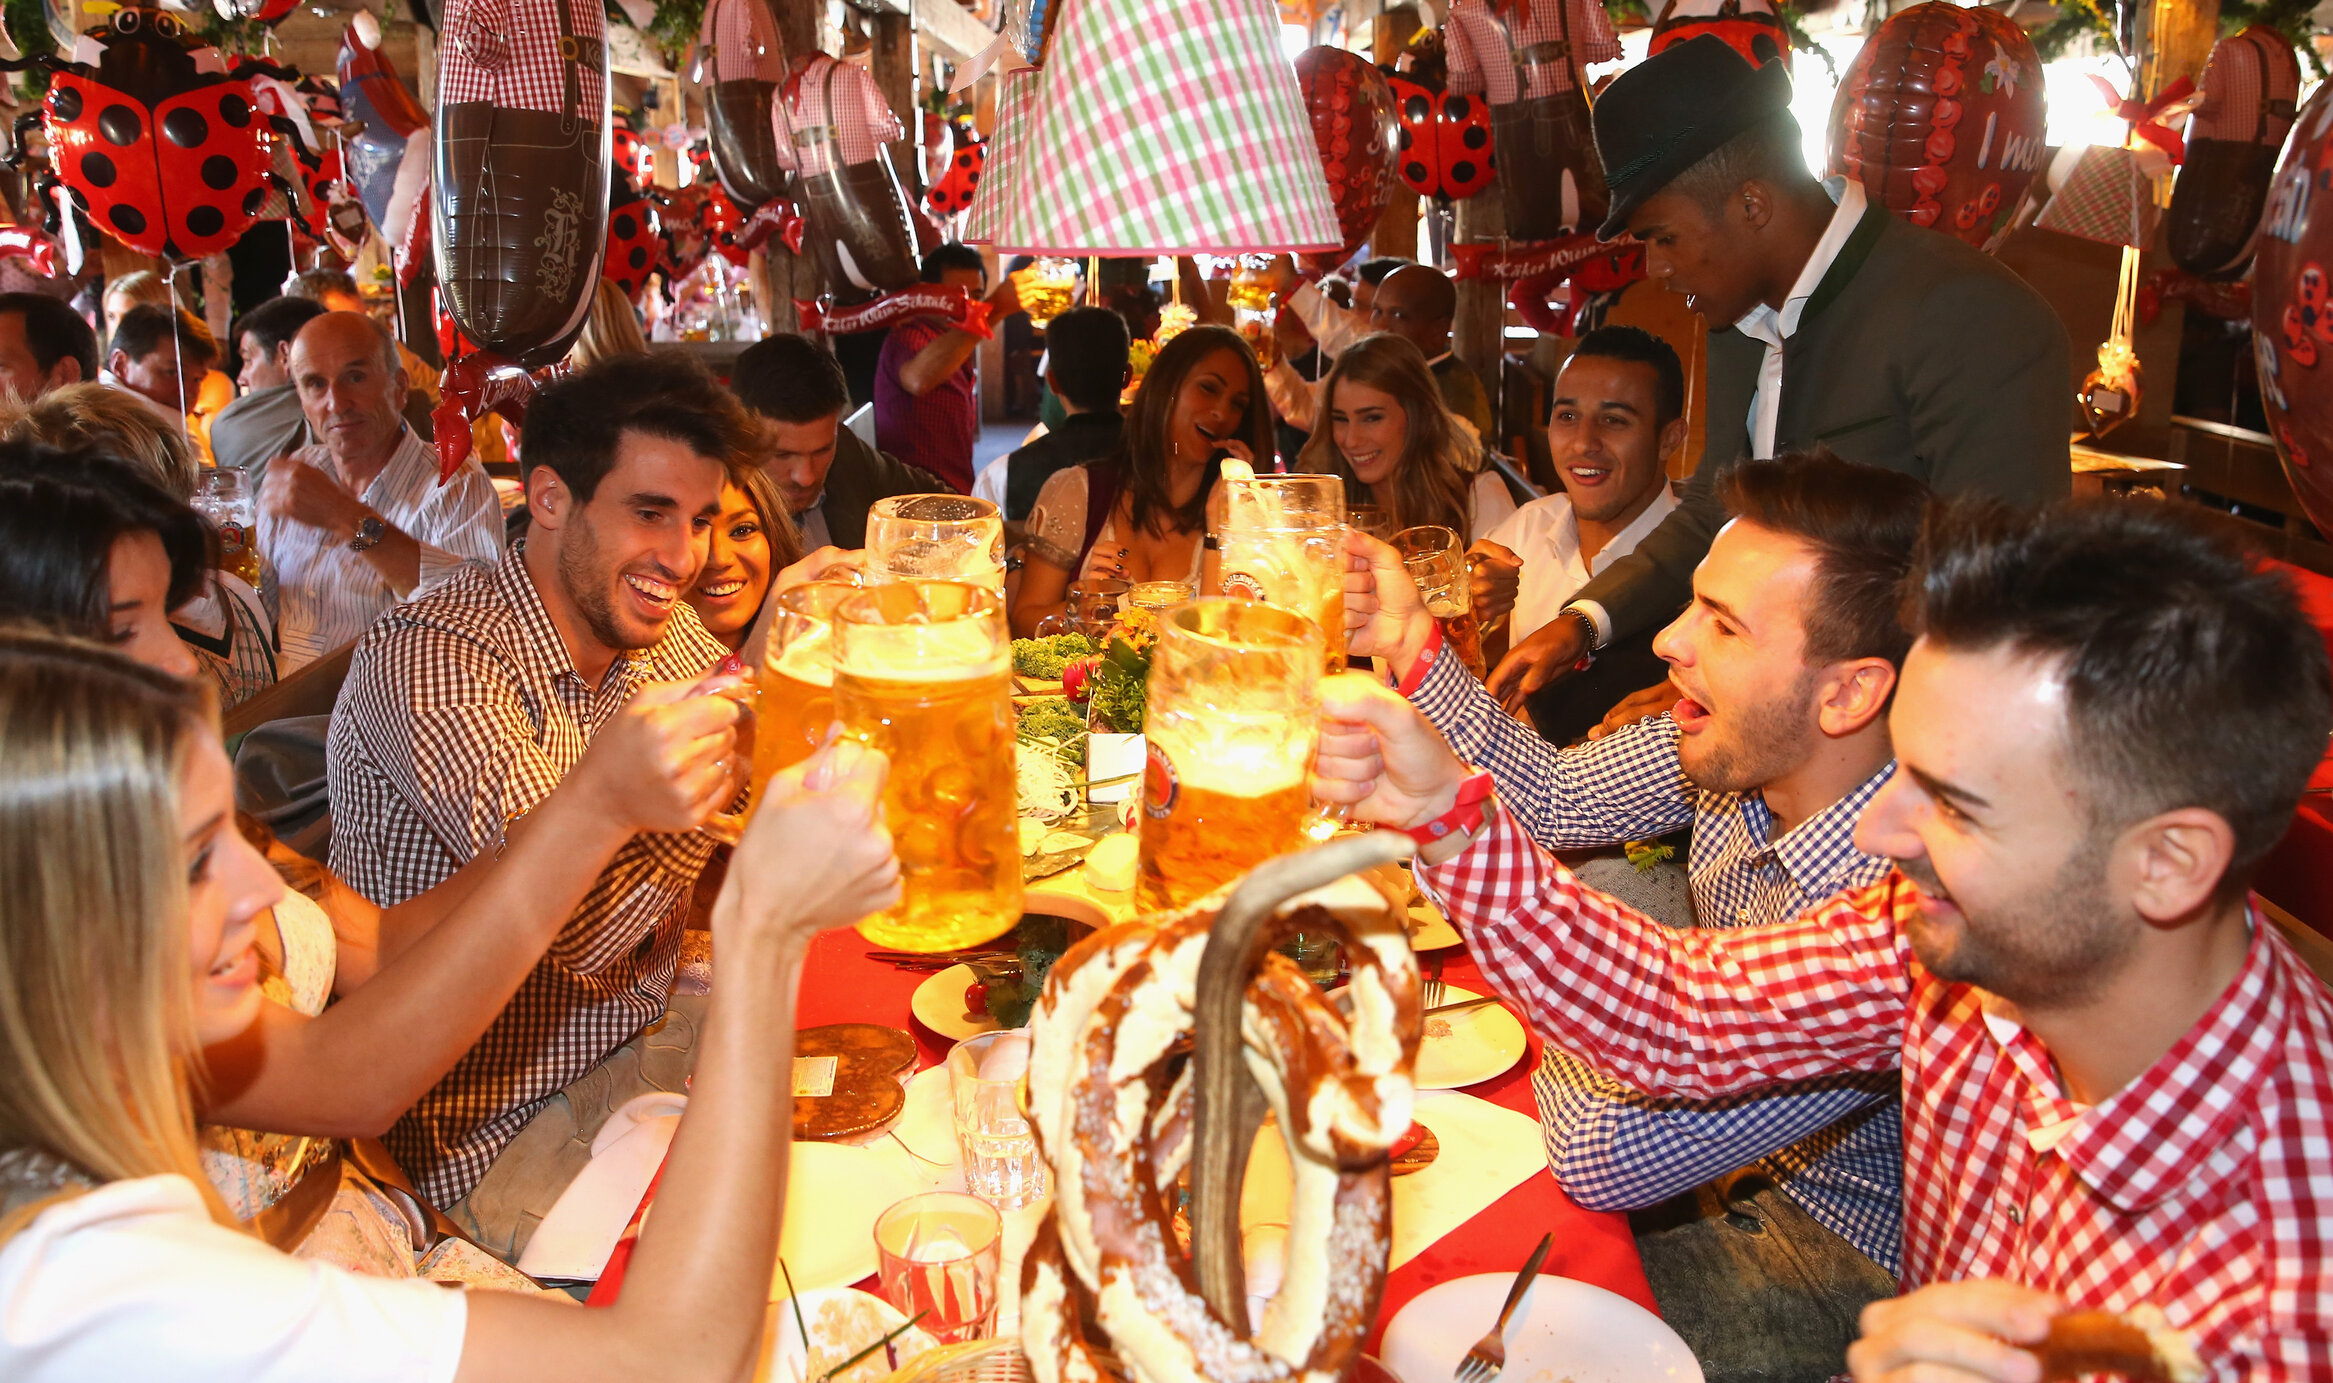 Oktoberfest urma să înceapă astăzi. Festivalul berii din Germania, anulat pentru prima dată după Al Doilea Război Mondial